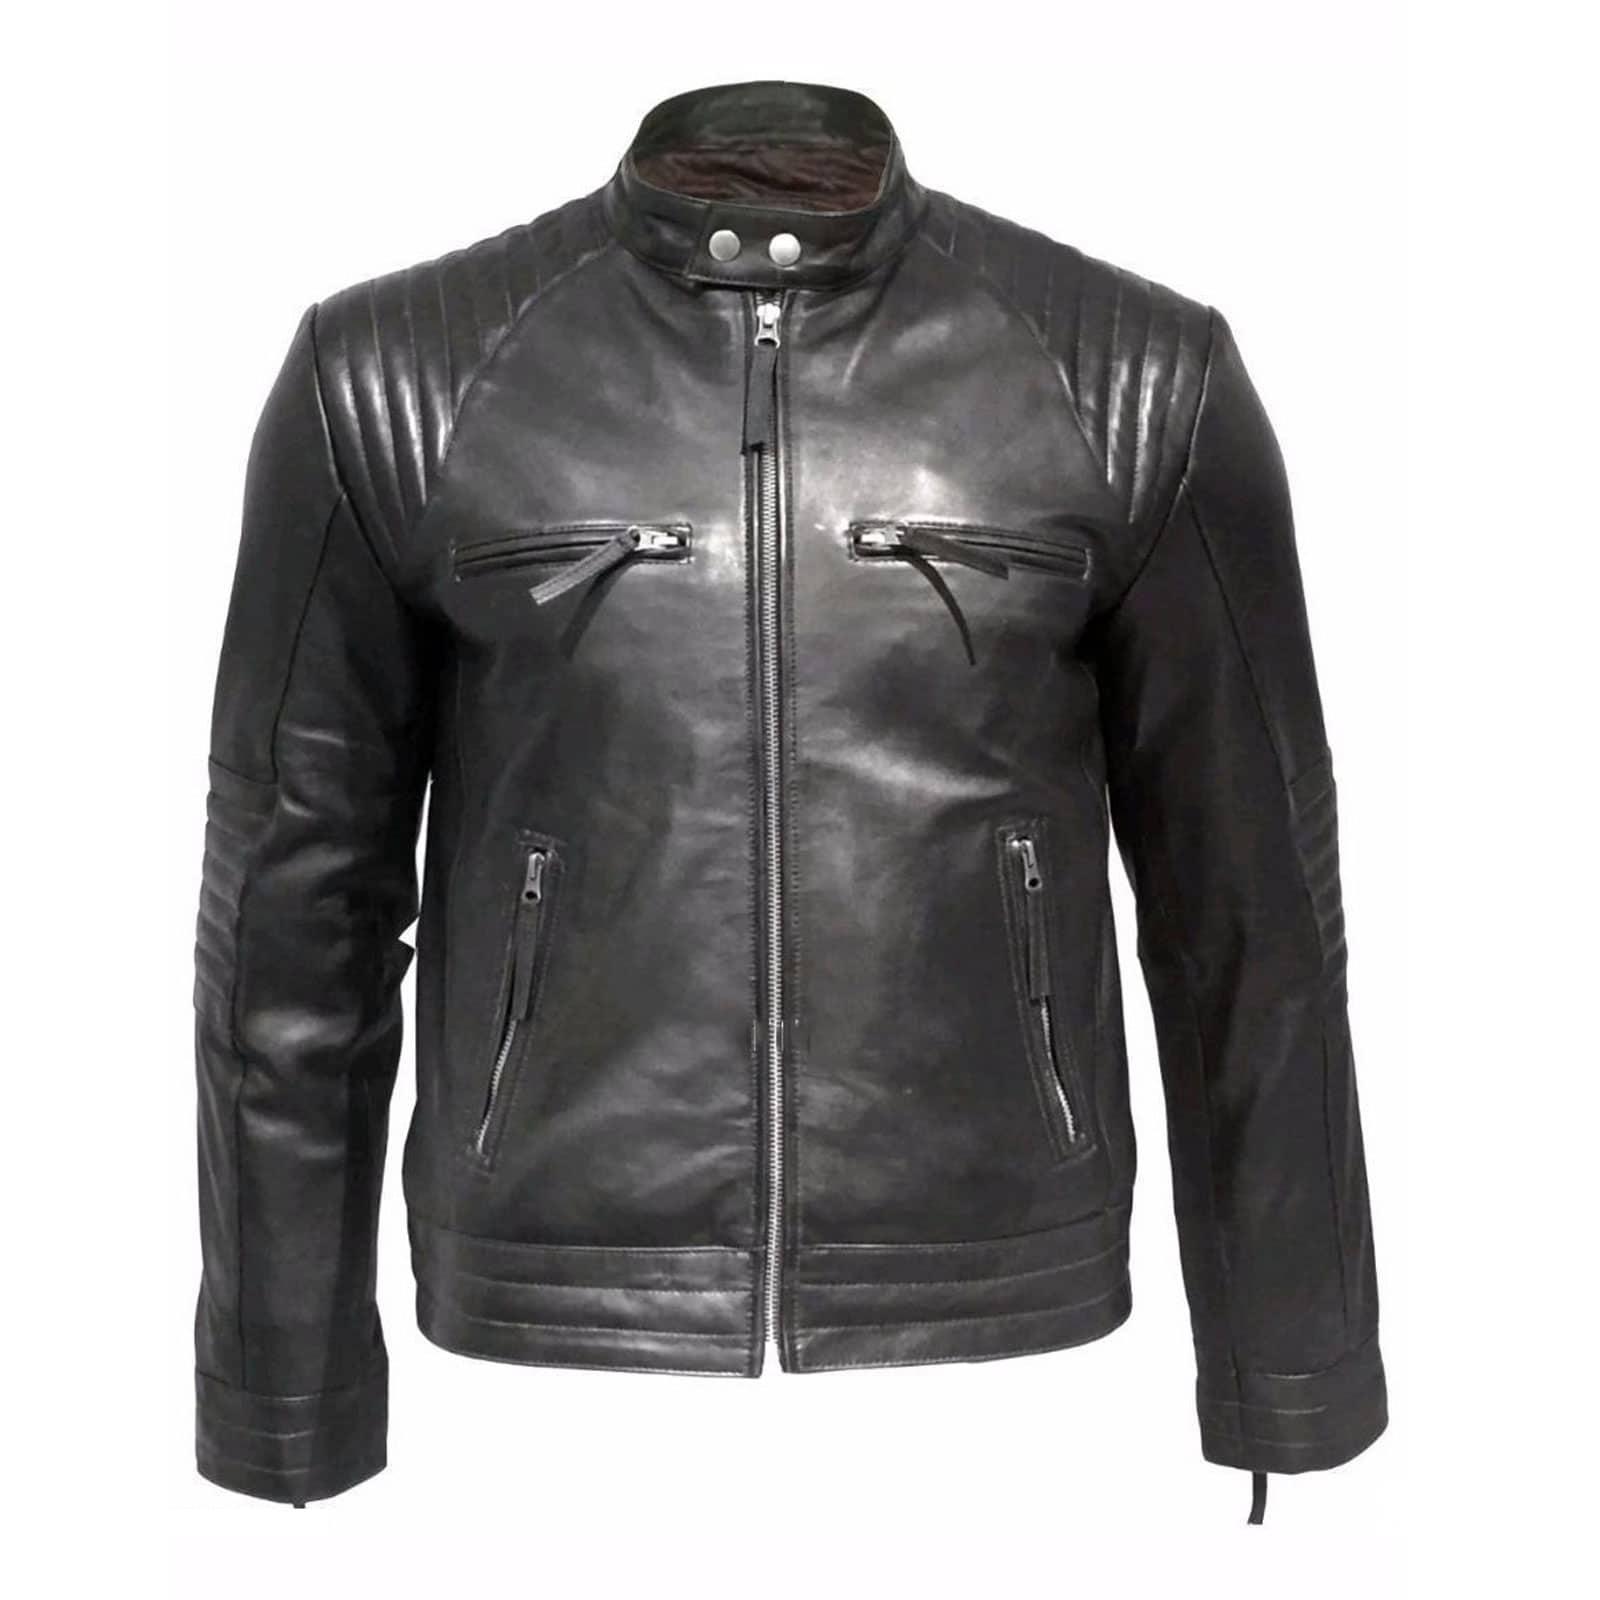 leather jacket, black leather jacket, padded leather jacket, leather jacket for men, biker leather jacket